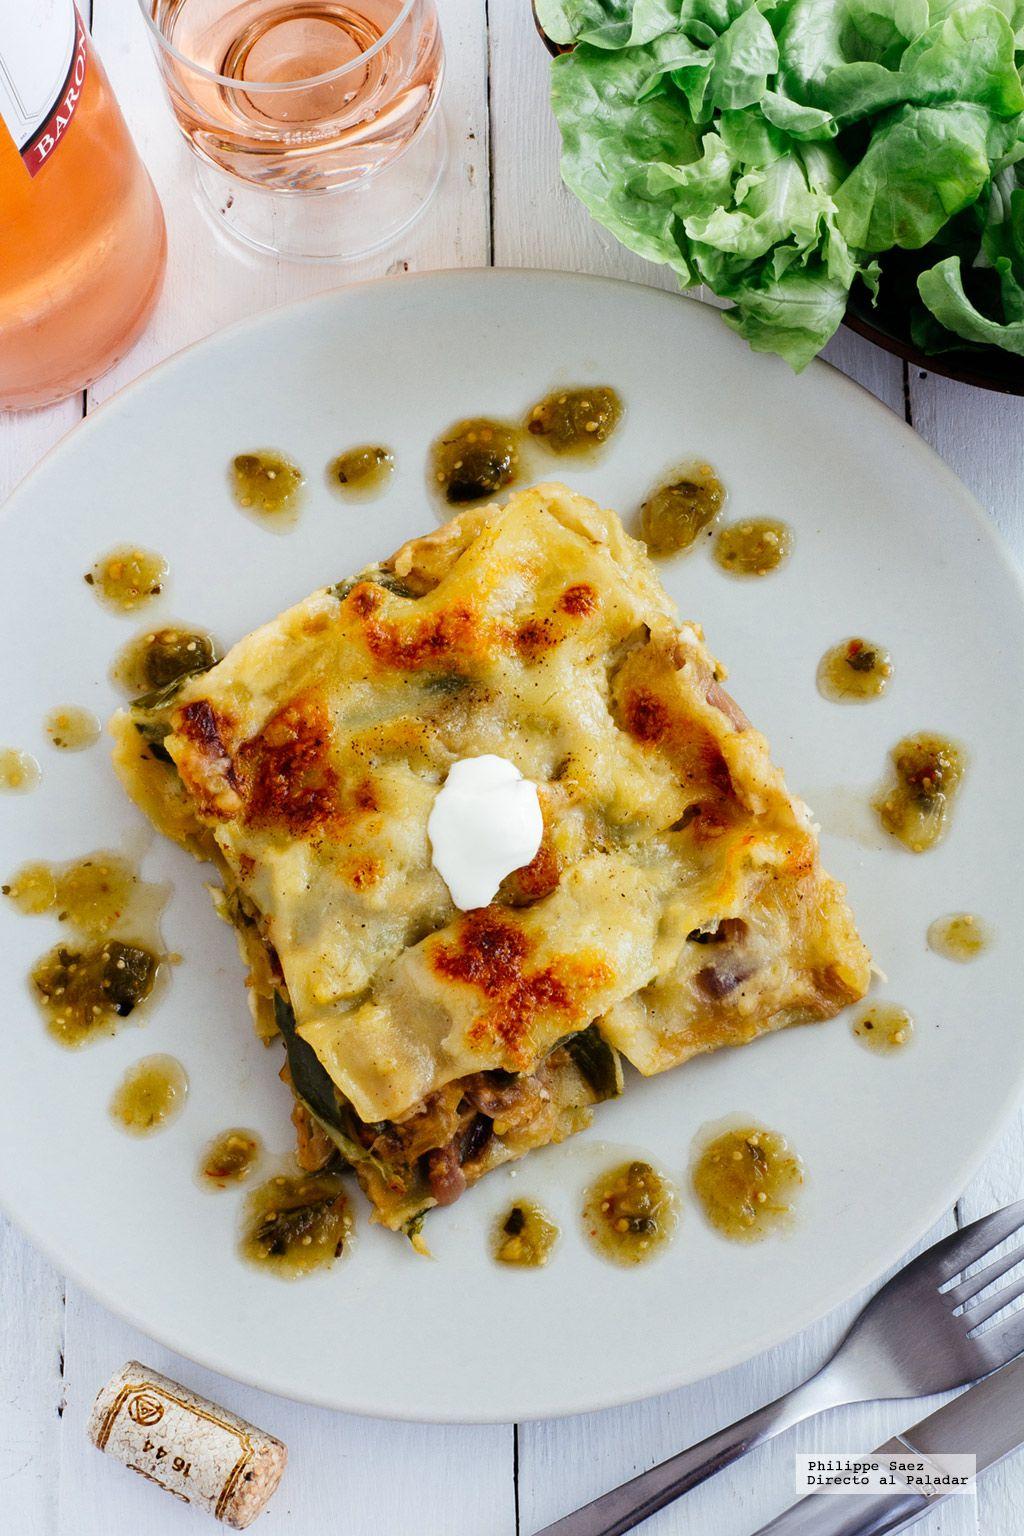 comida lasaa de pimiento dulce receta vegetariana fcil